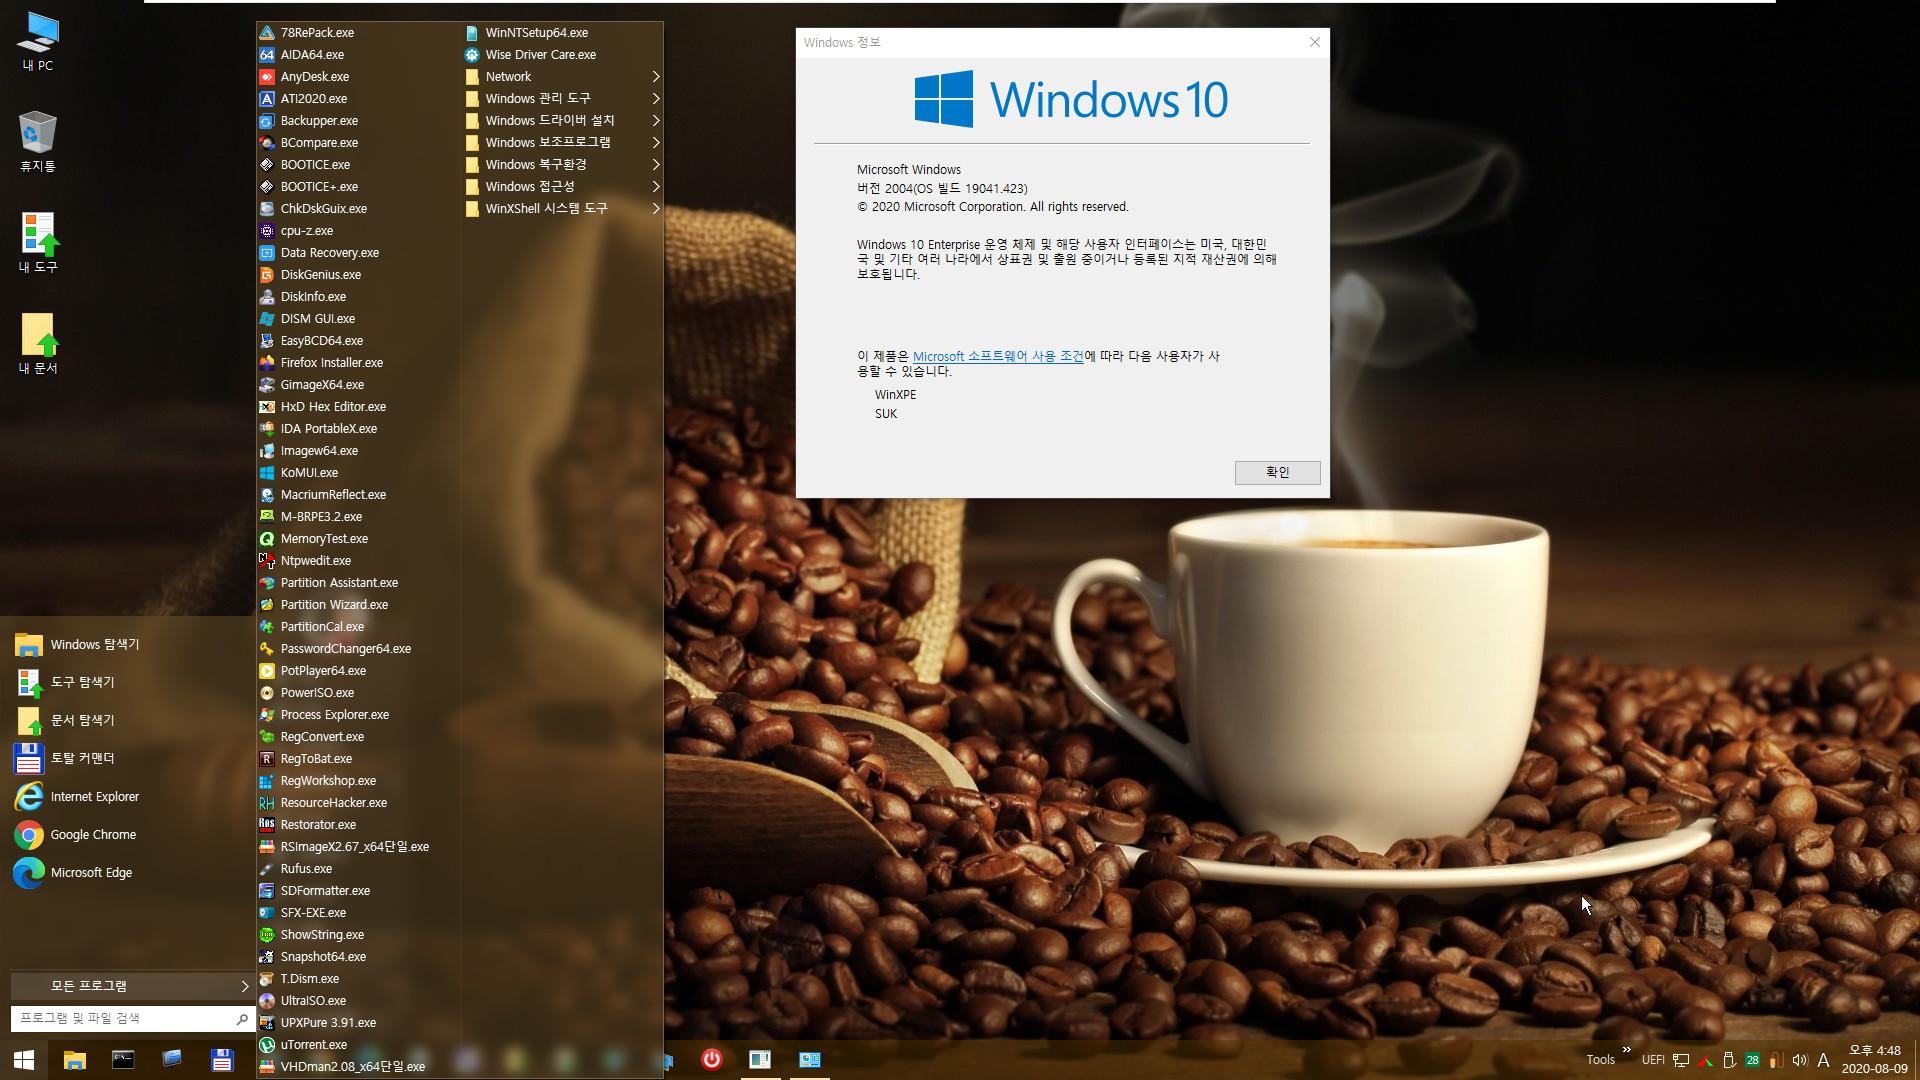 Win10XPE81으로 PE 만들기 테스트 - Windows 10 버전 2004,19041.423 iso 사용 2020-08-09_164800.jpg